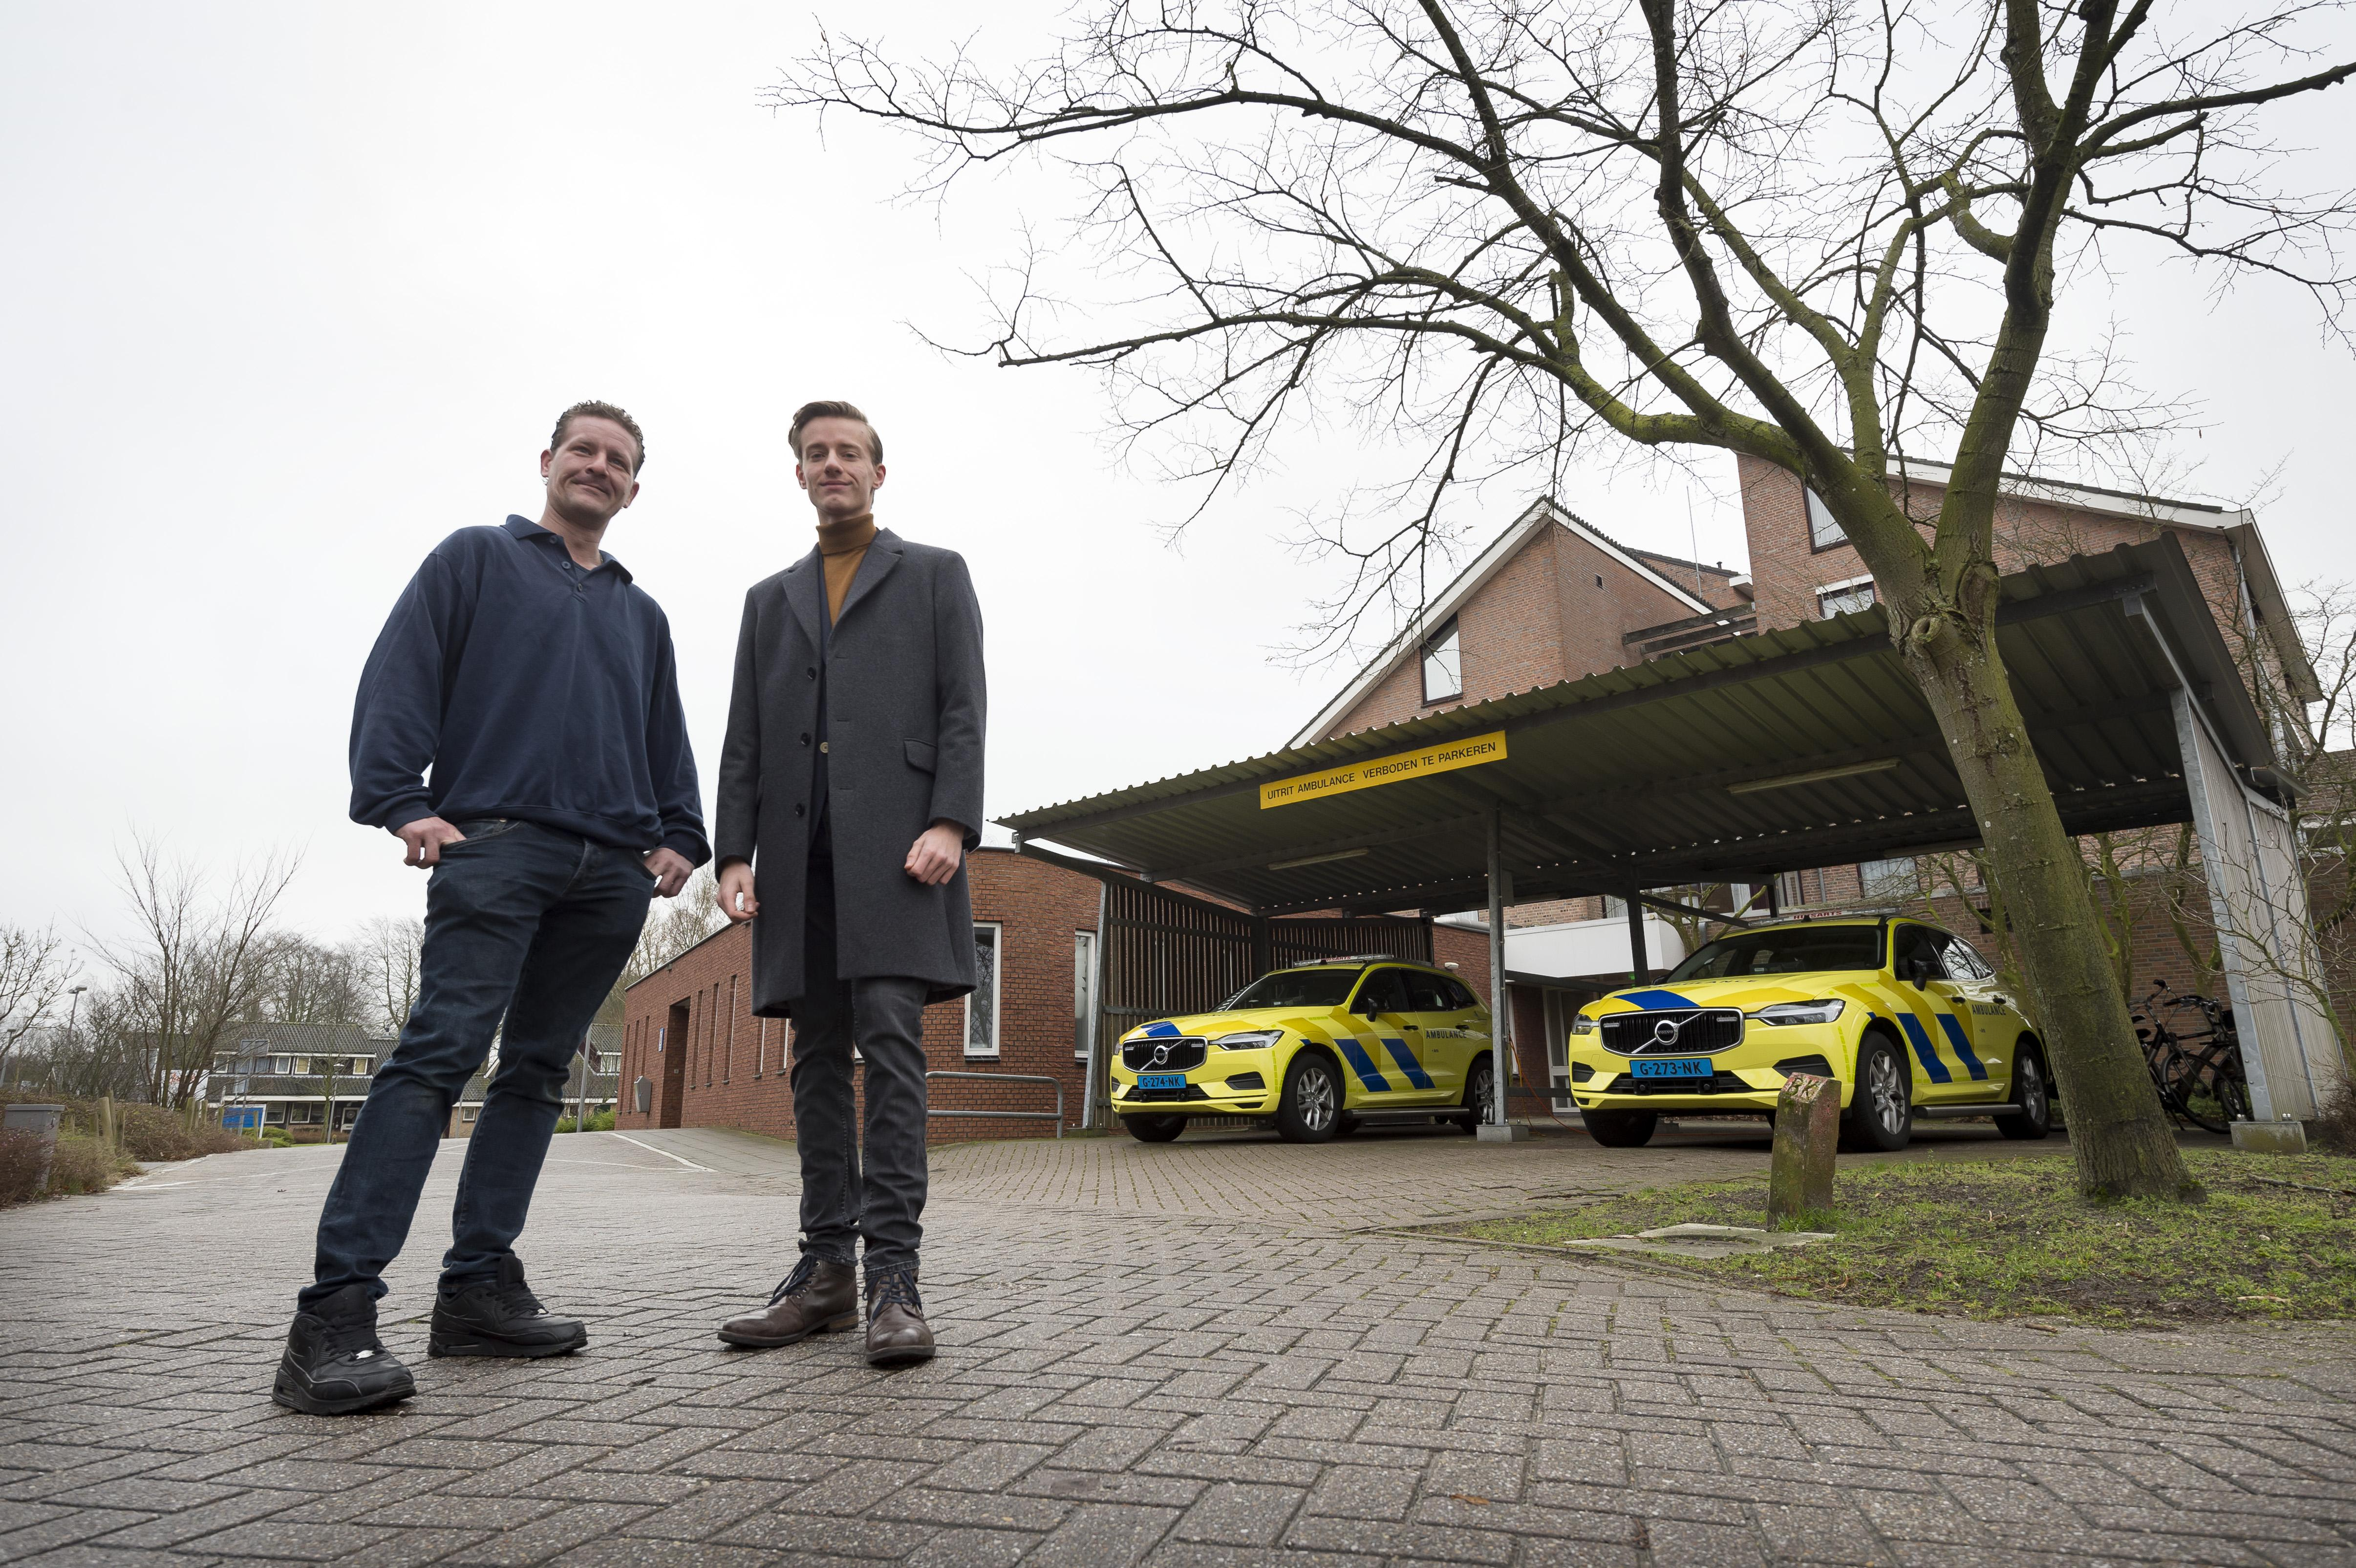 Hillegomse huisartsen willen dat dokterspost Voorhout 's nachts openblijft; petitie bijna 8000 keer getekend